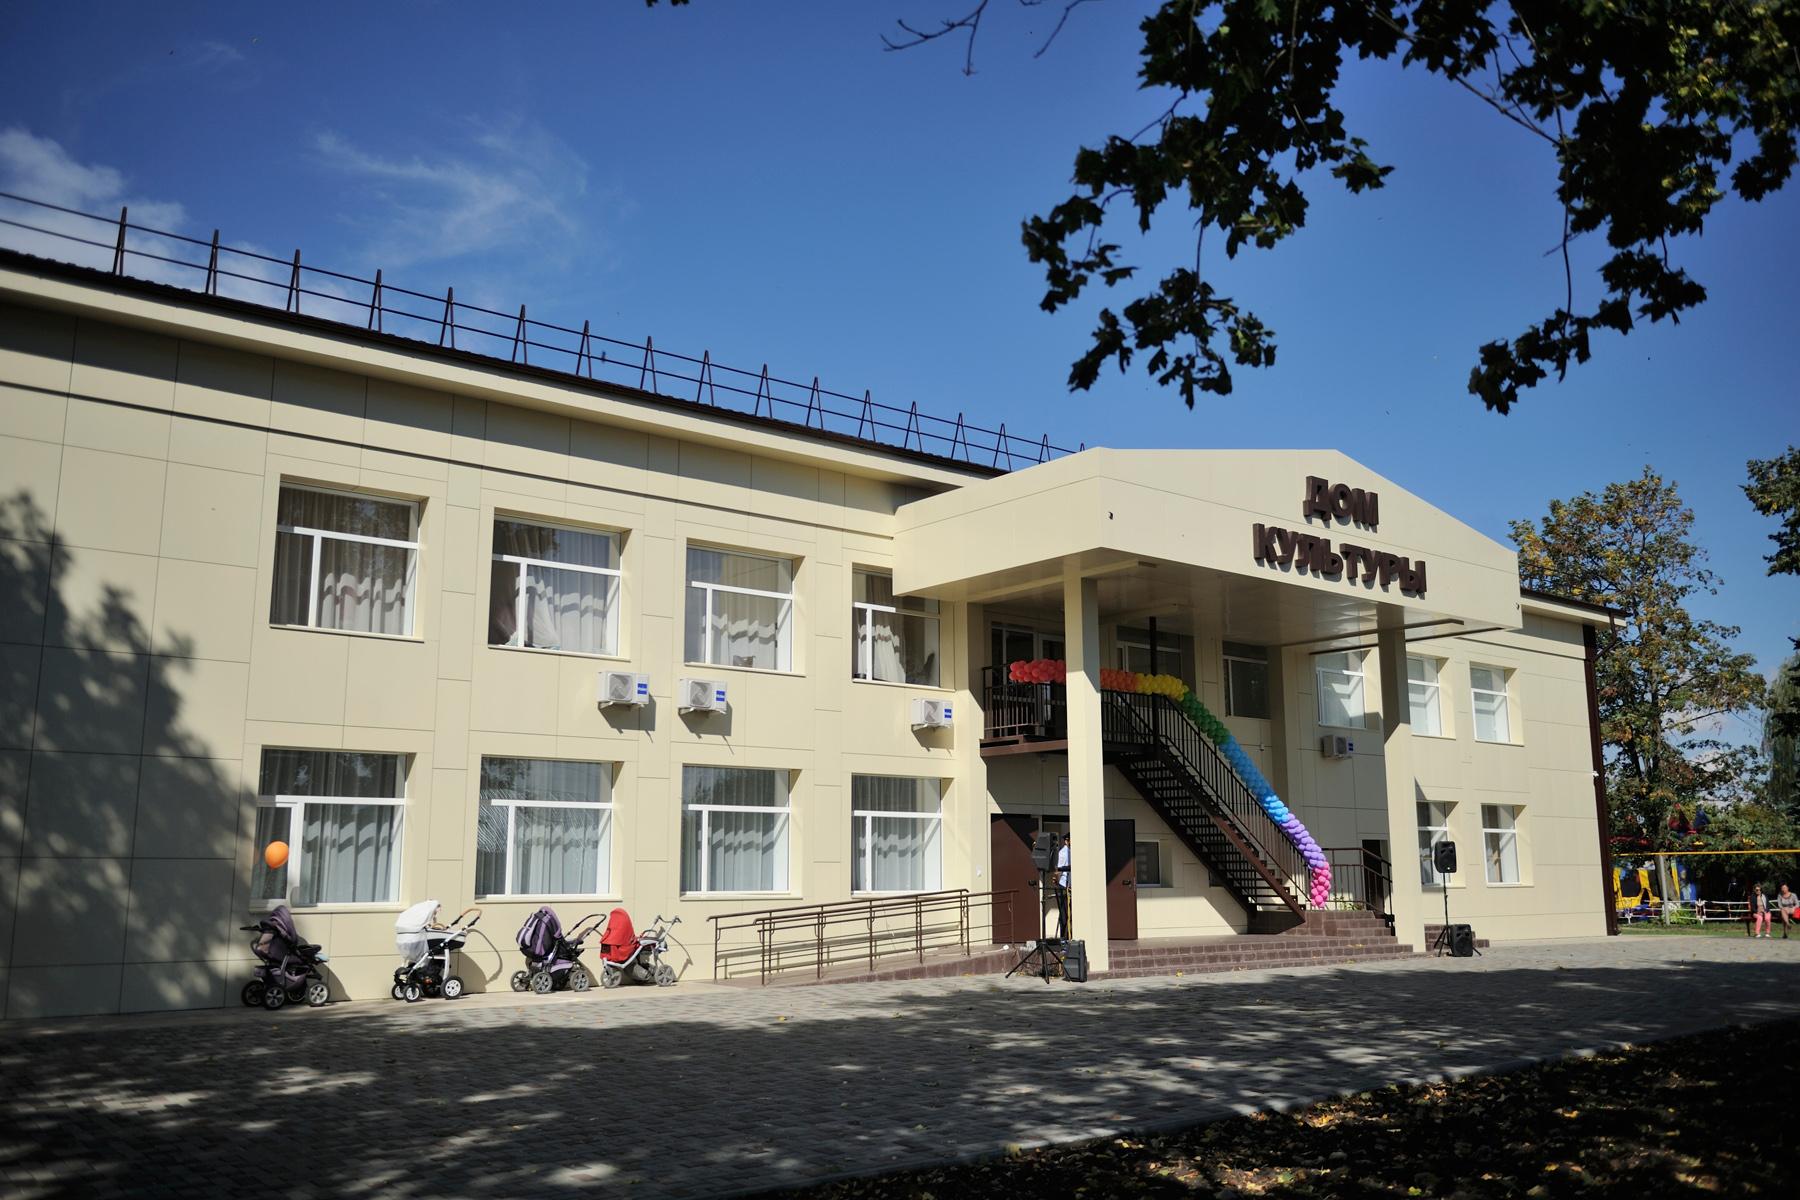 В Адыгее в 2019 году отремонтируют дома культуры в 9 населенных пунктах